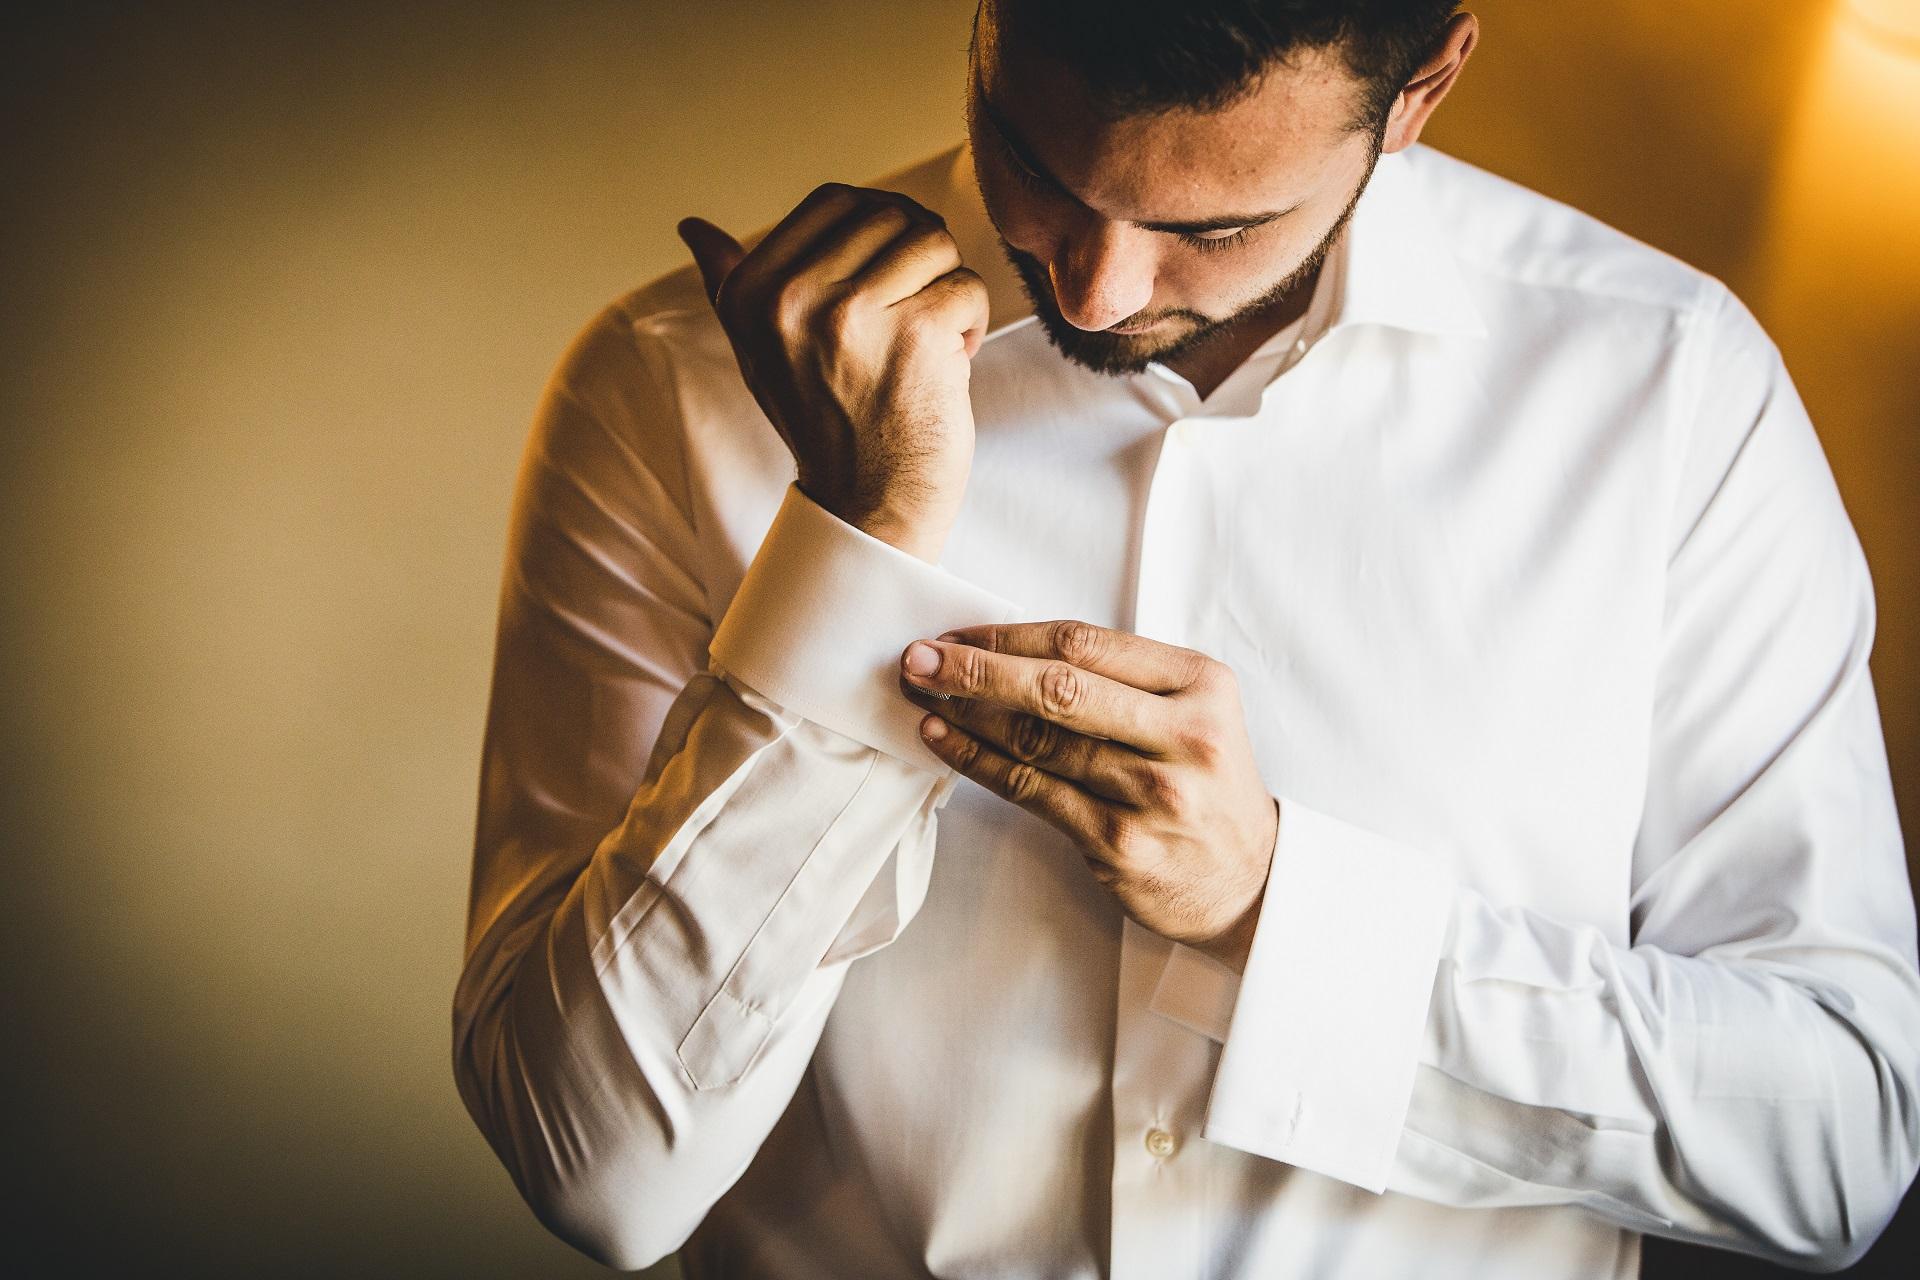 Fotograf ślubny Werona, Włochy | Pan młody starannie zapina mankiety koszuli